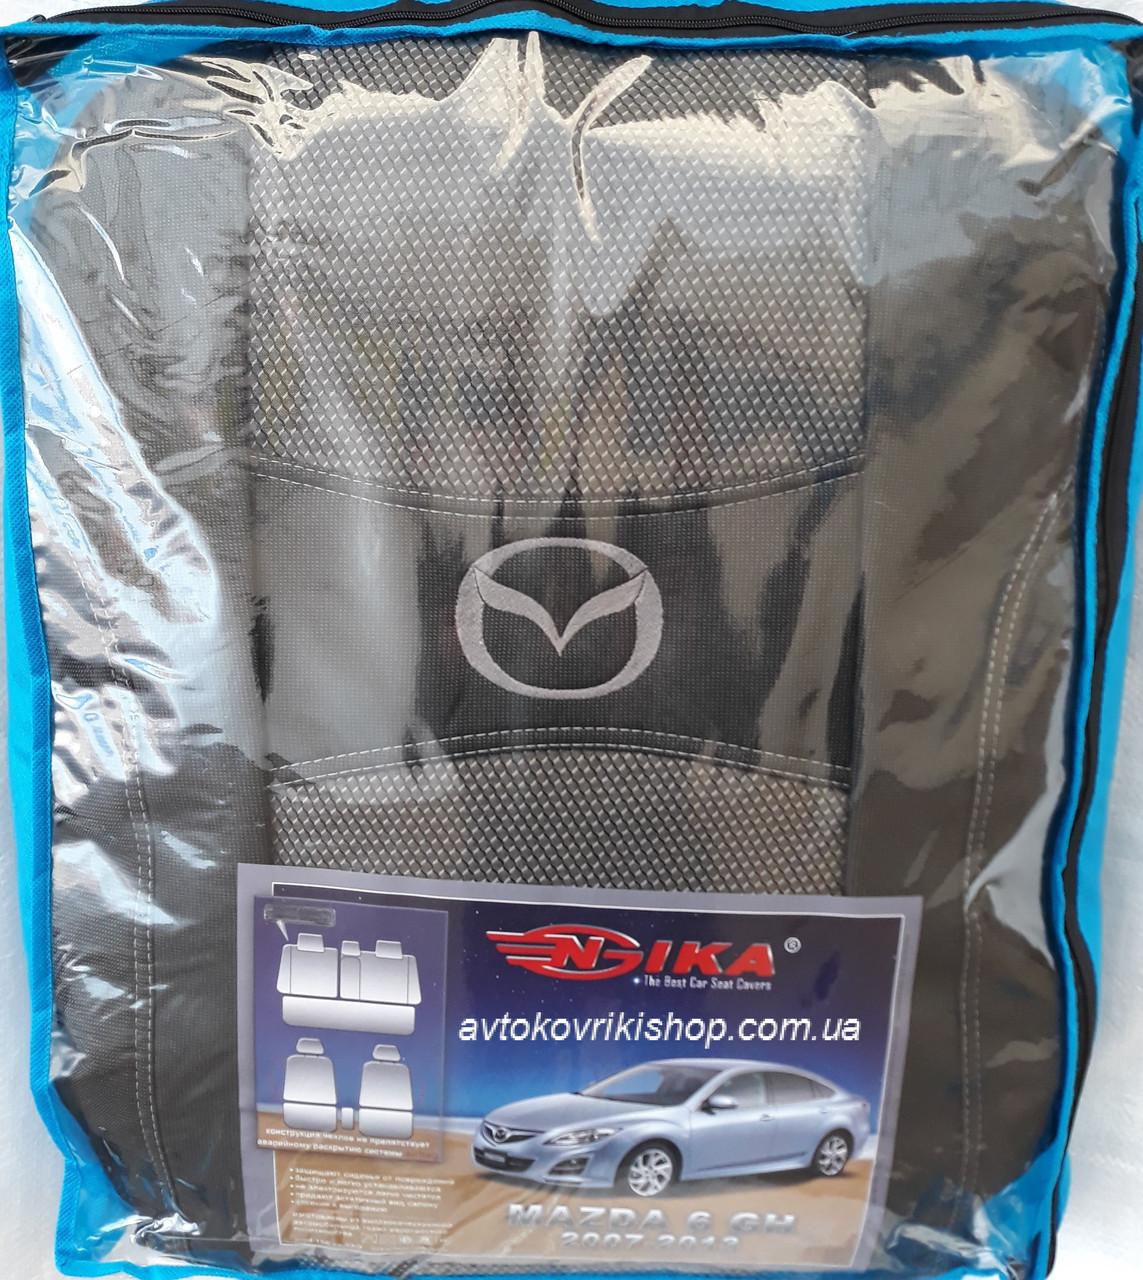 Авточехлы Mazda 6 GH 2007-2013 Nika